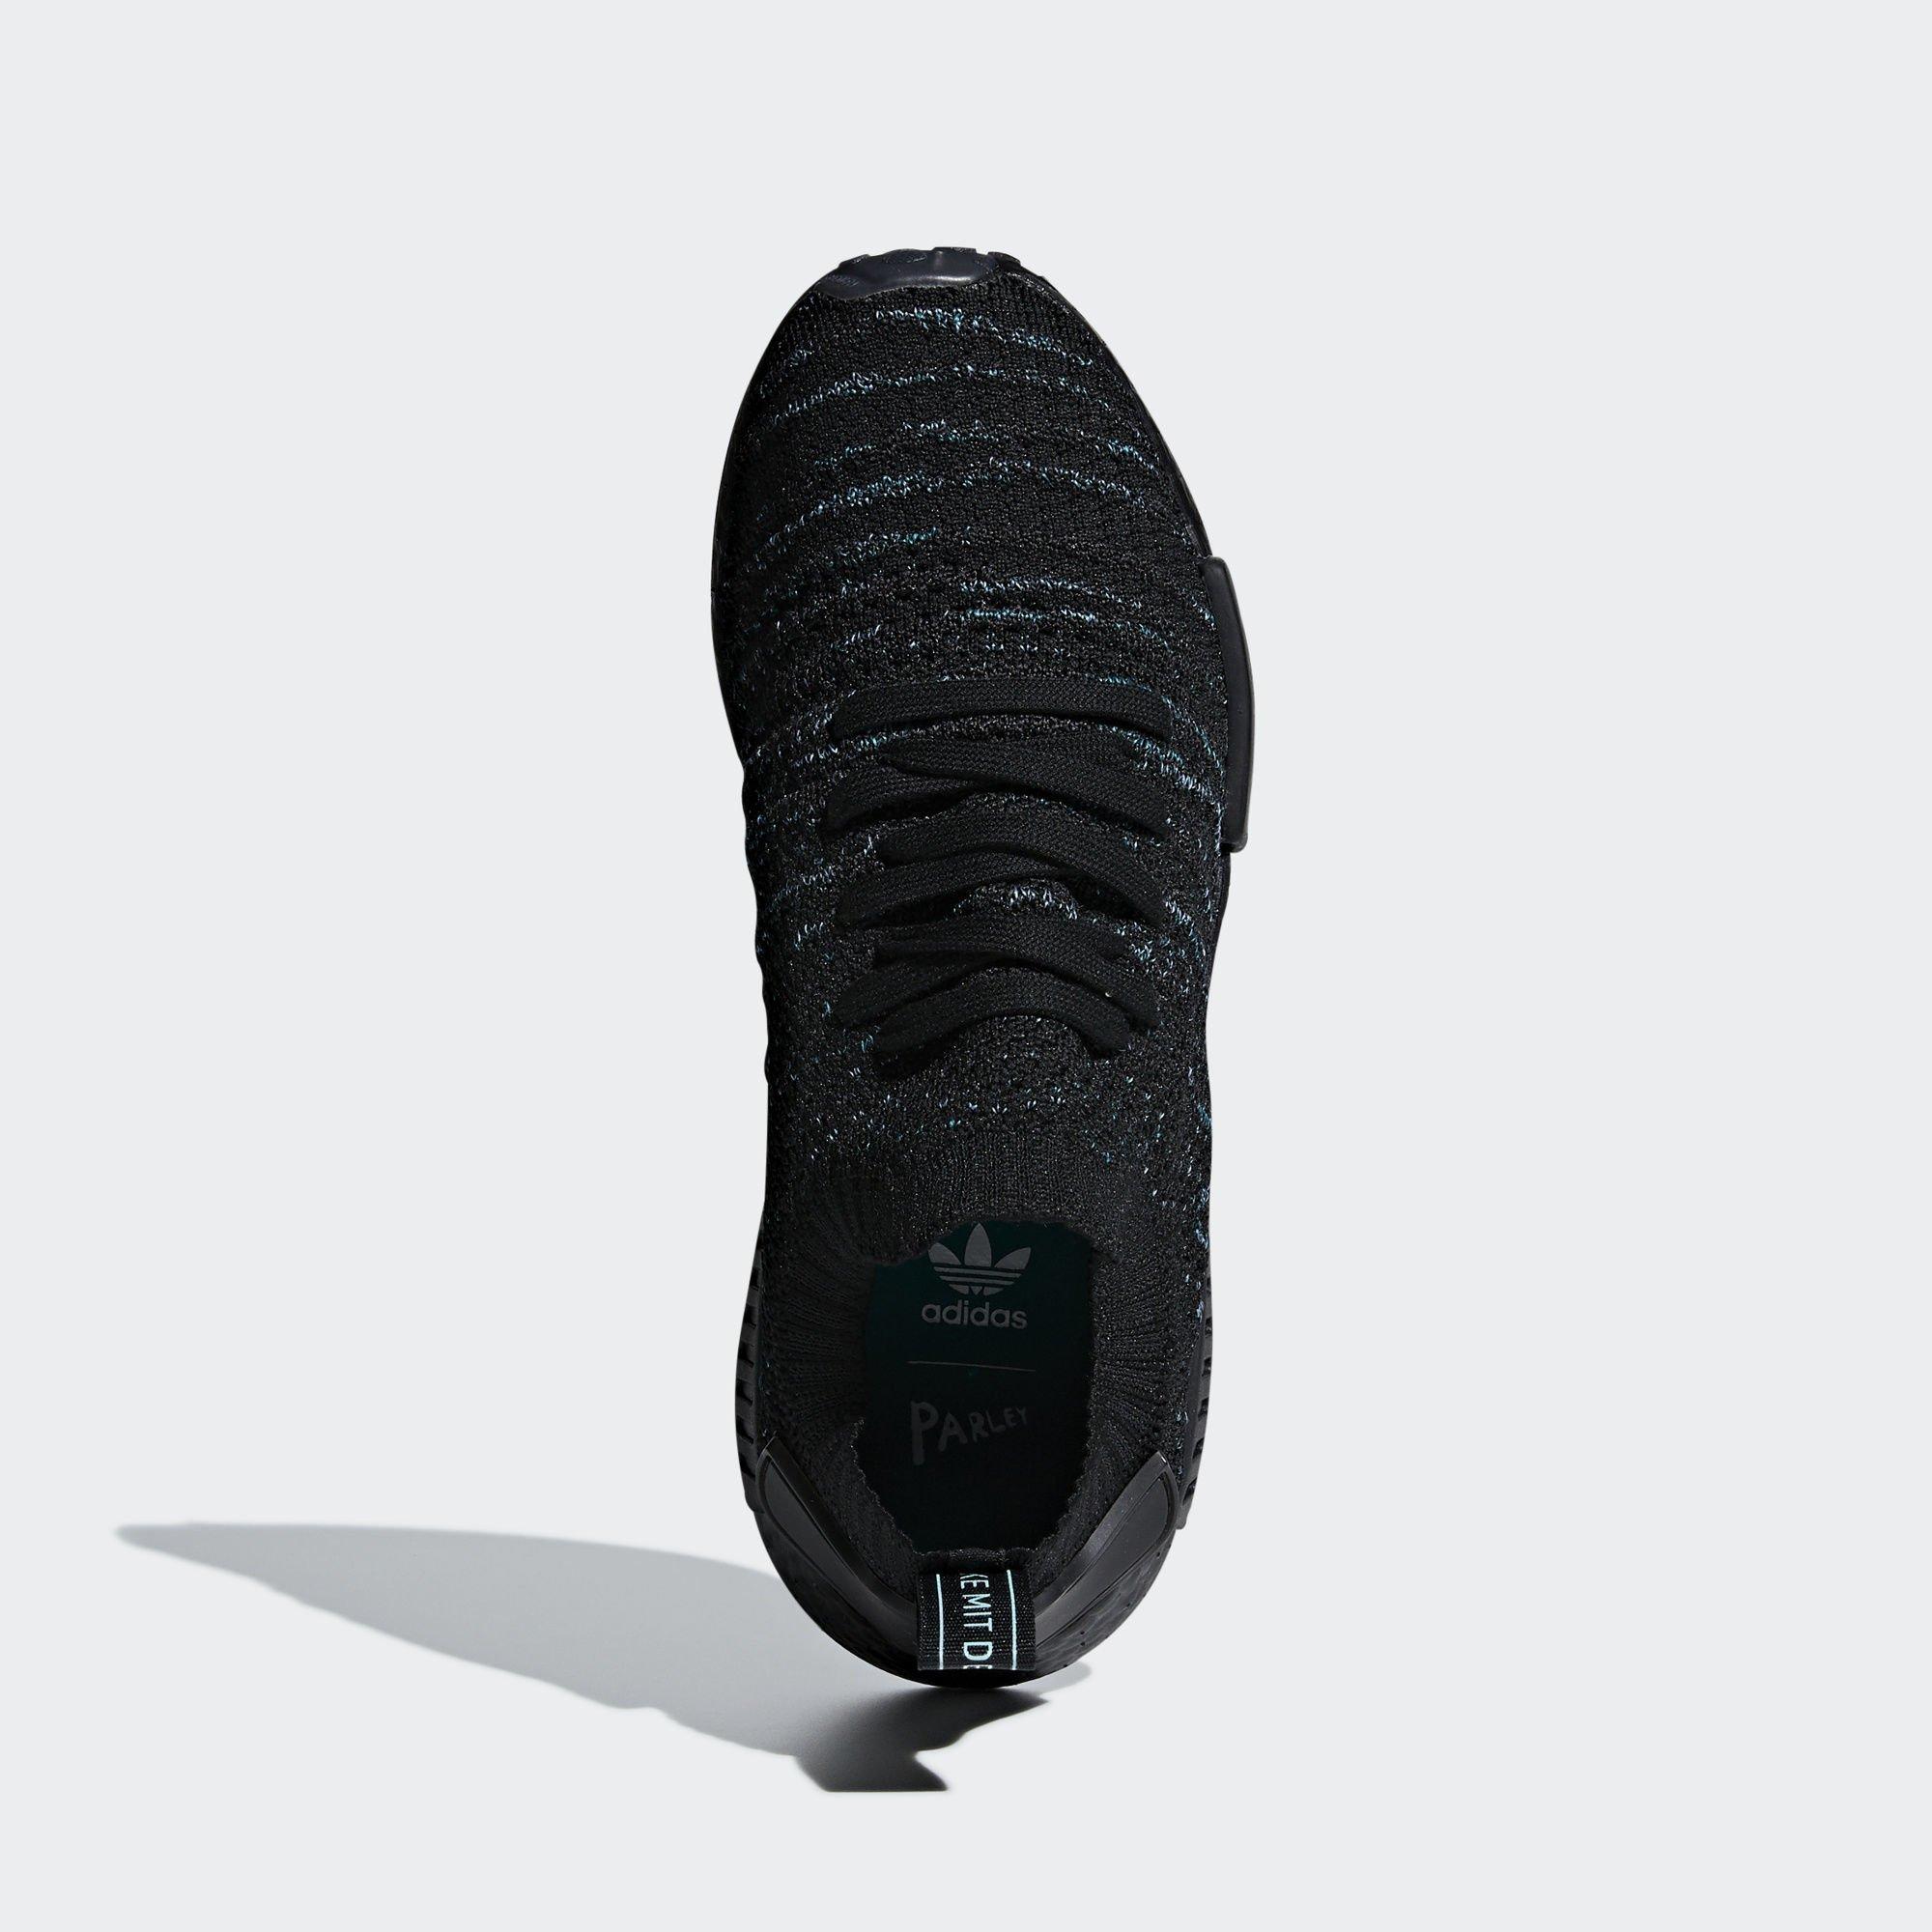 Adidas NMD R1 AQ0943